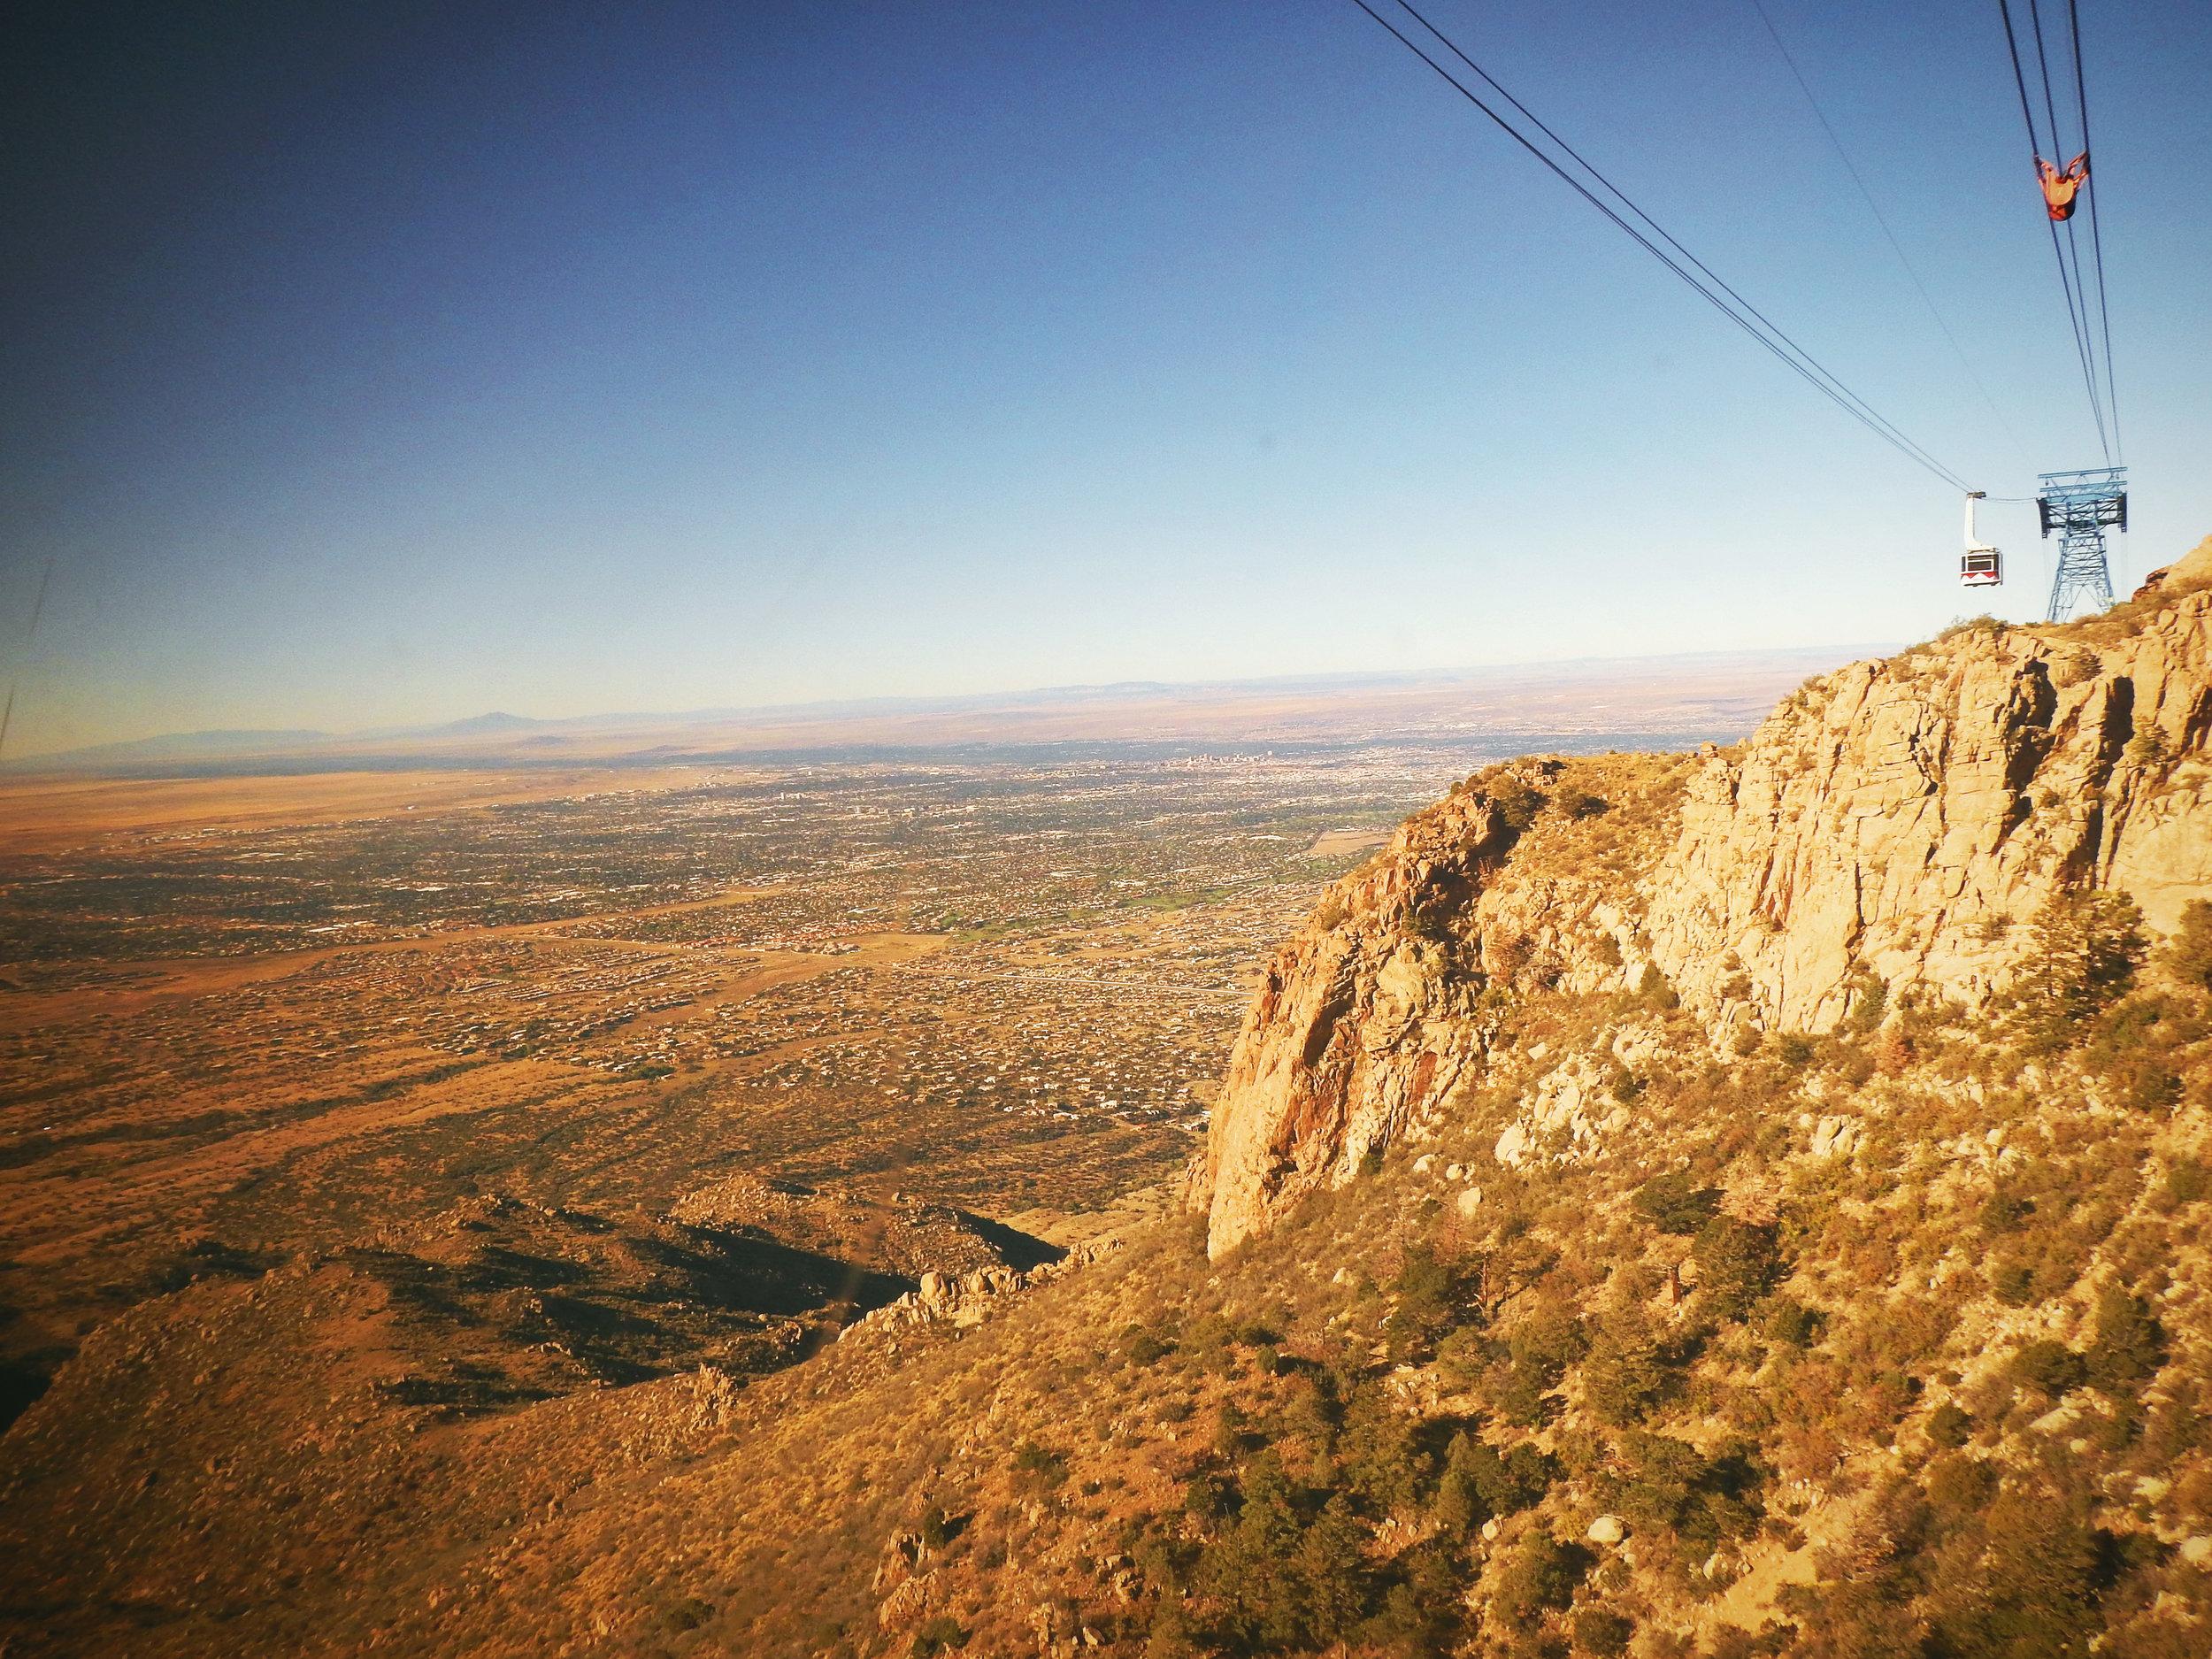 ABQ_Sandia Peak Tramway.jpg